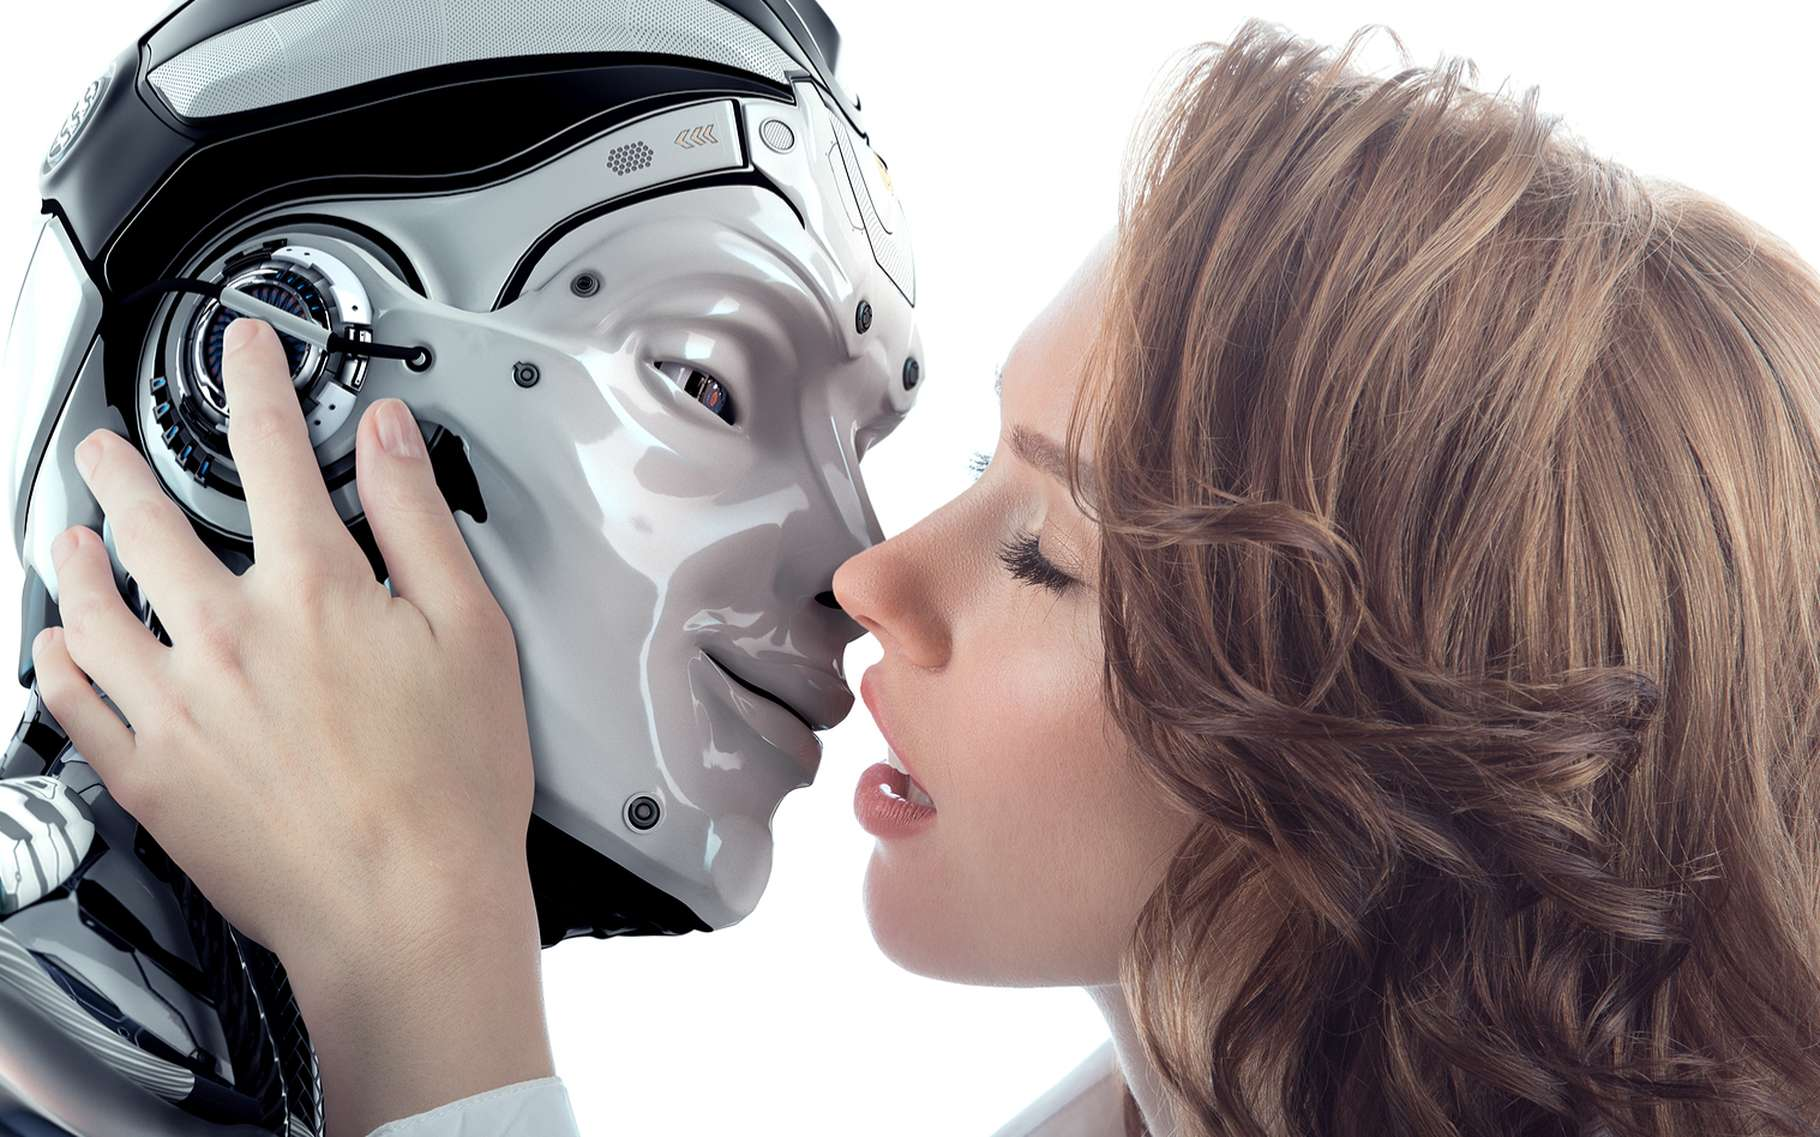 Peut-on faire l'amour avec un robot ? © Willyam Bradberry, Shutterstock